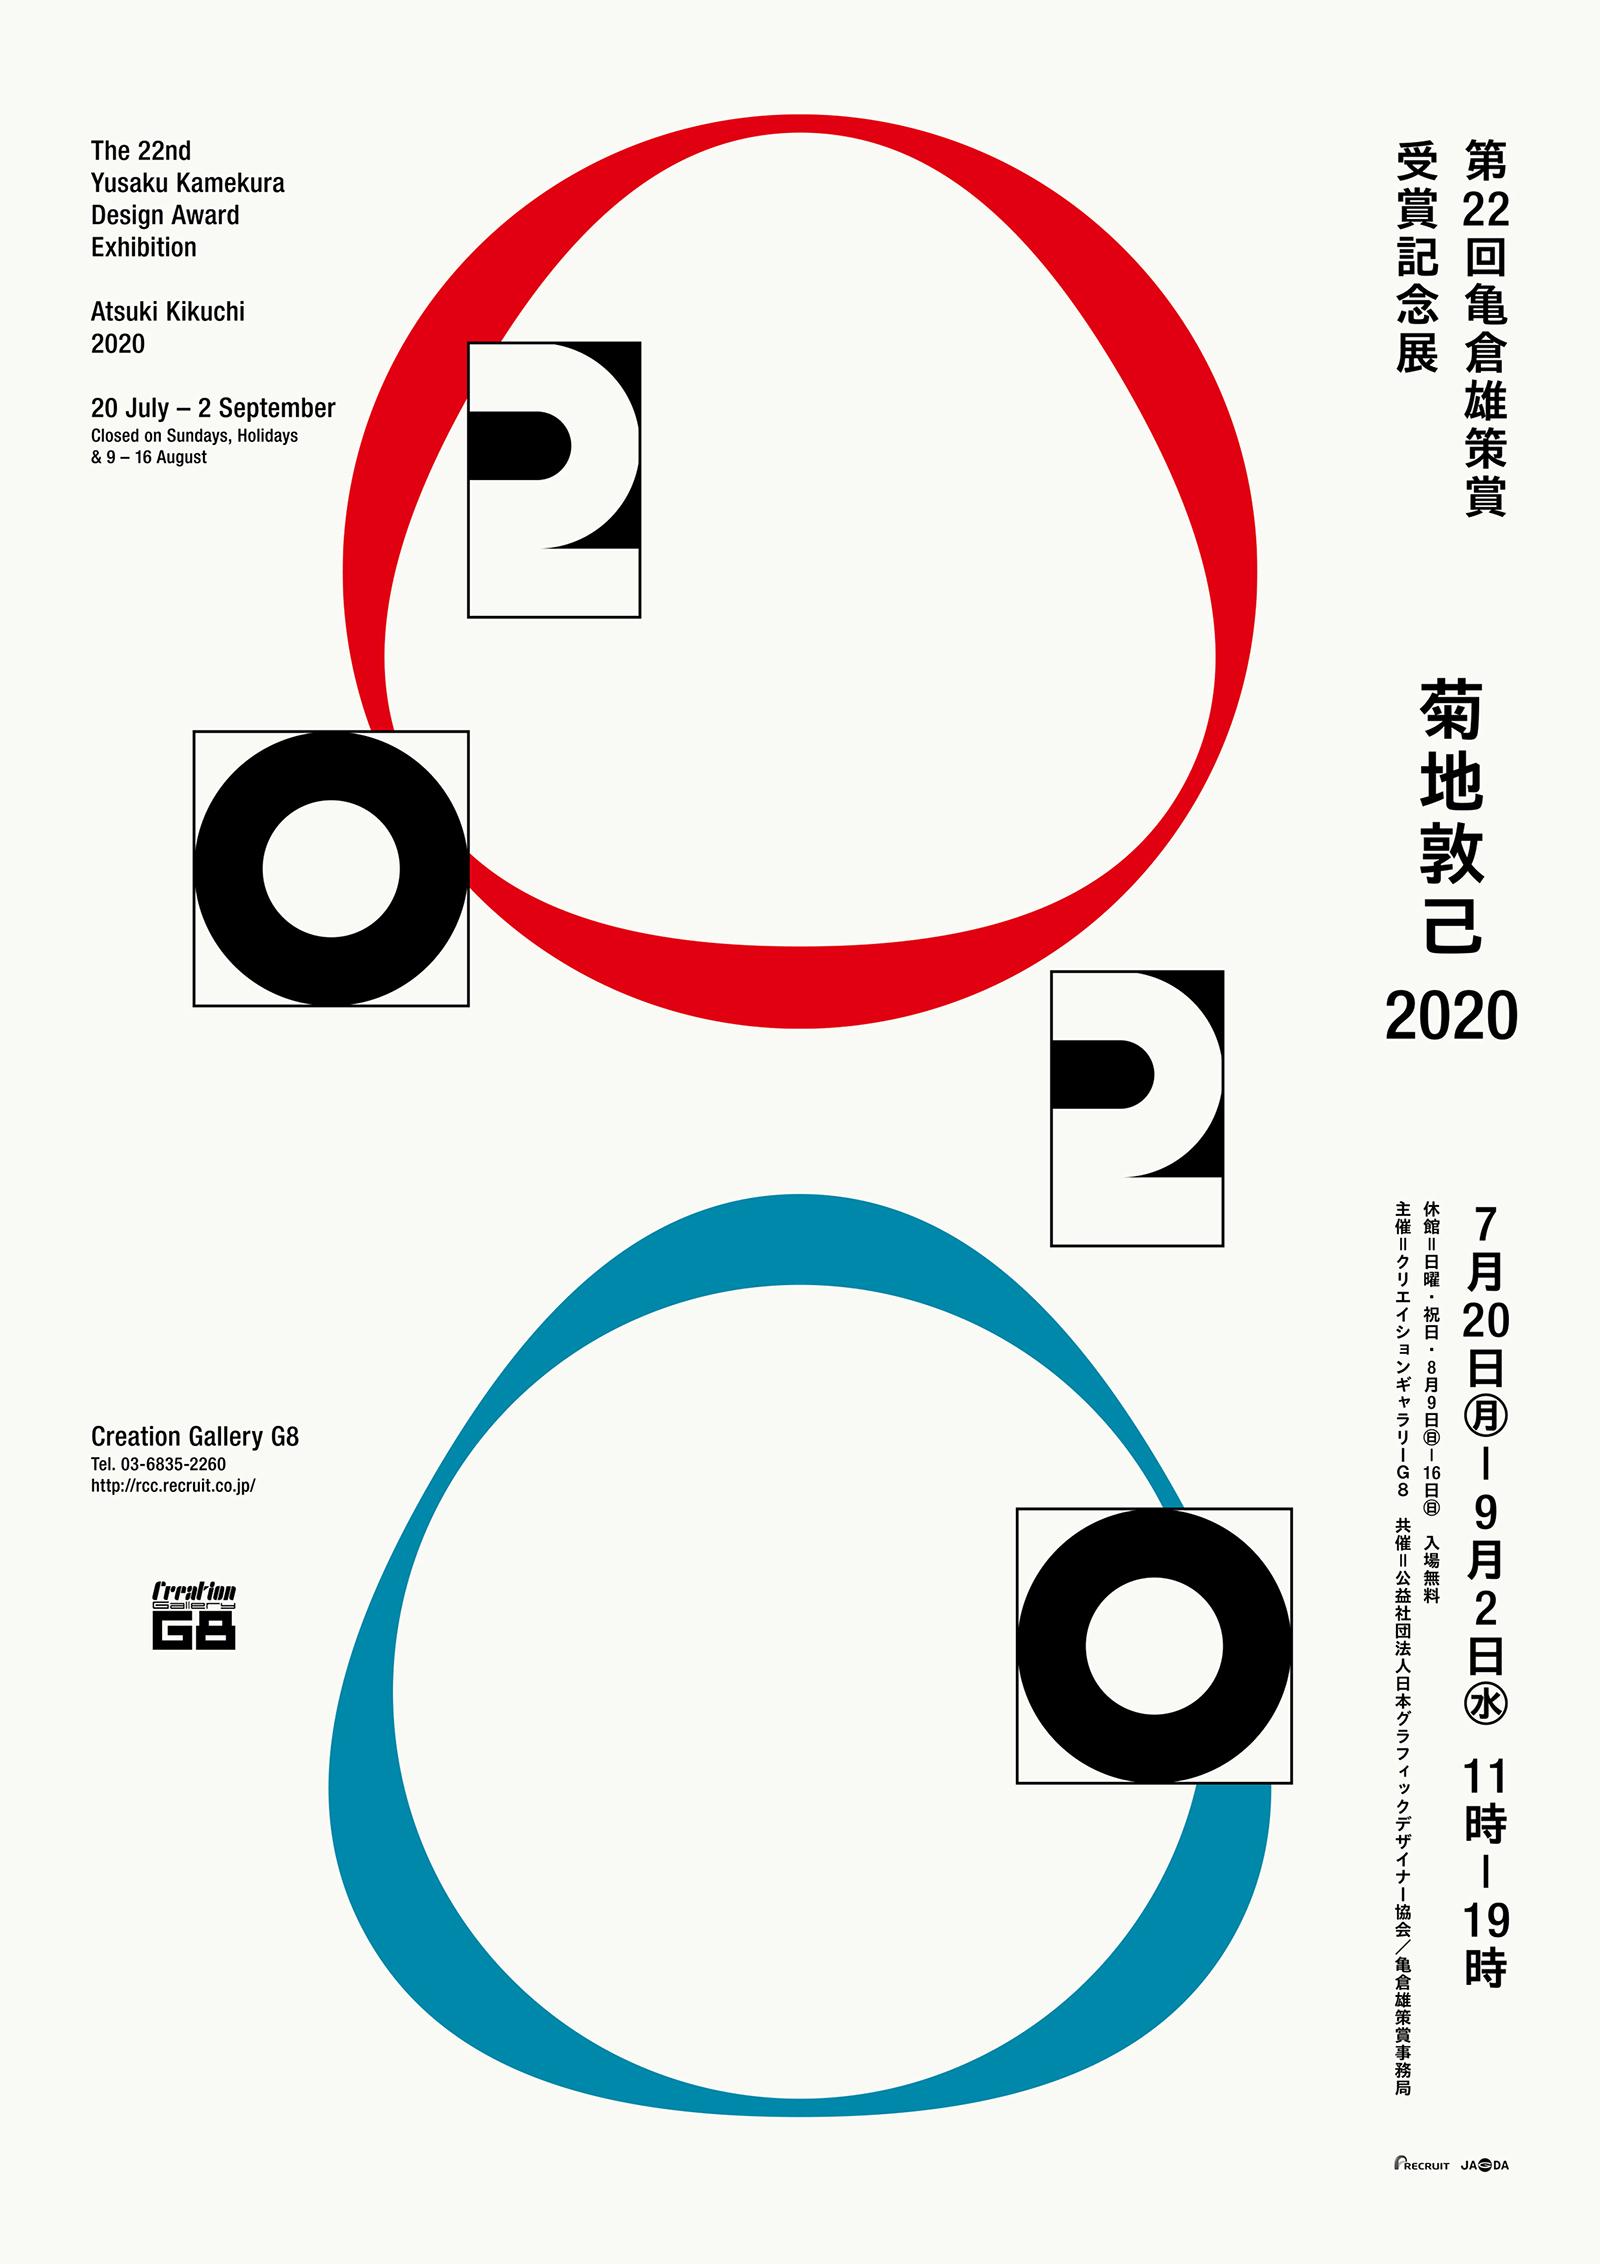 第22回亀倉雄策賞受賞記念展「菊地敦己 2020」